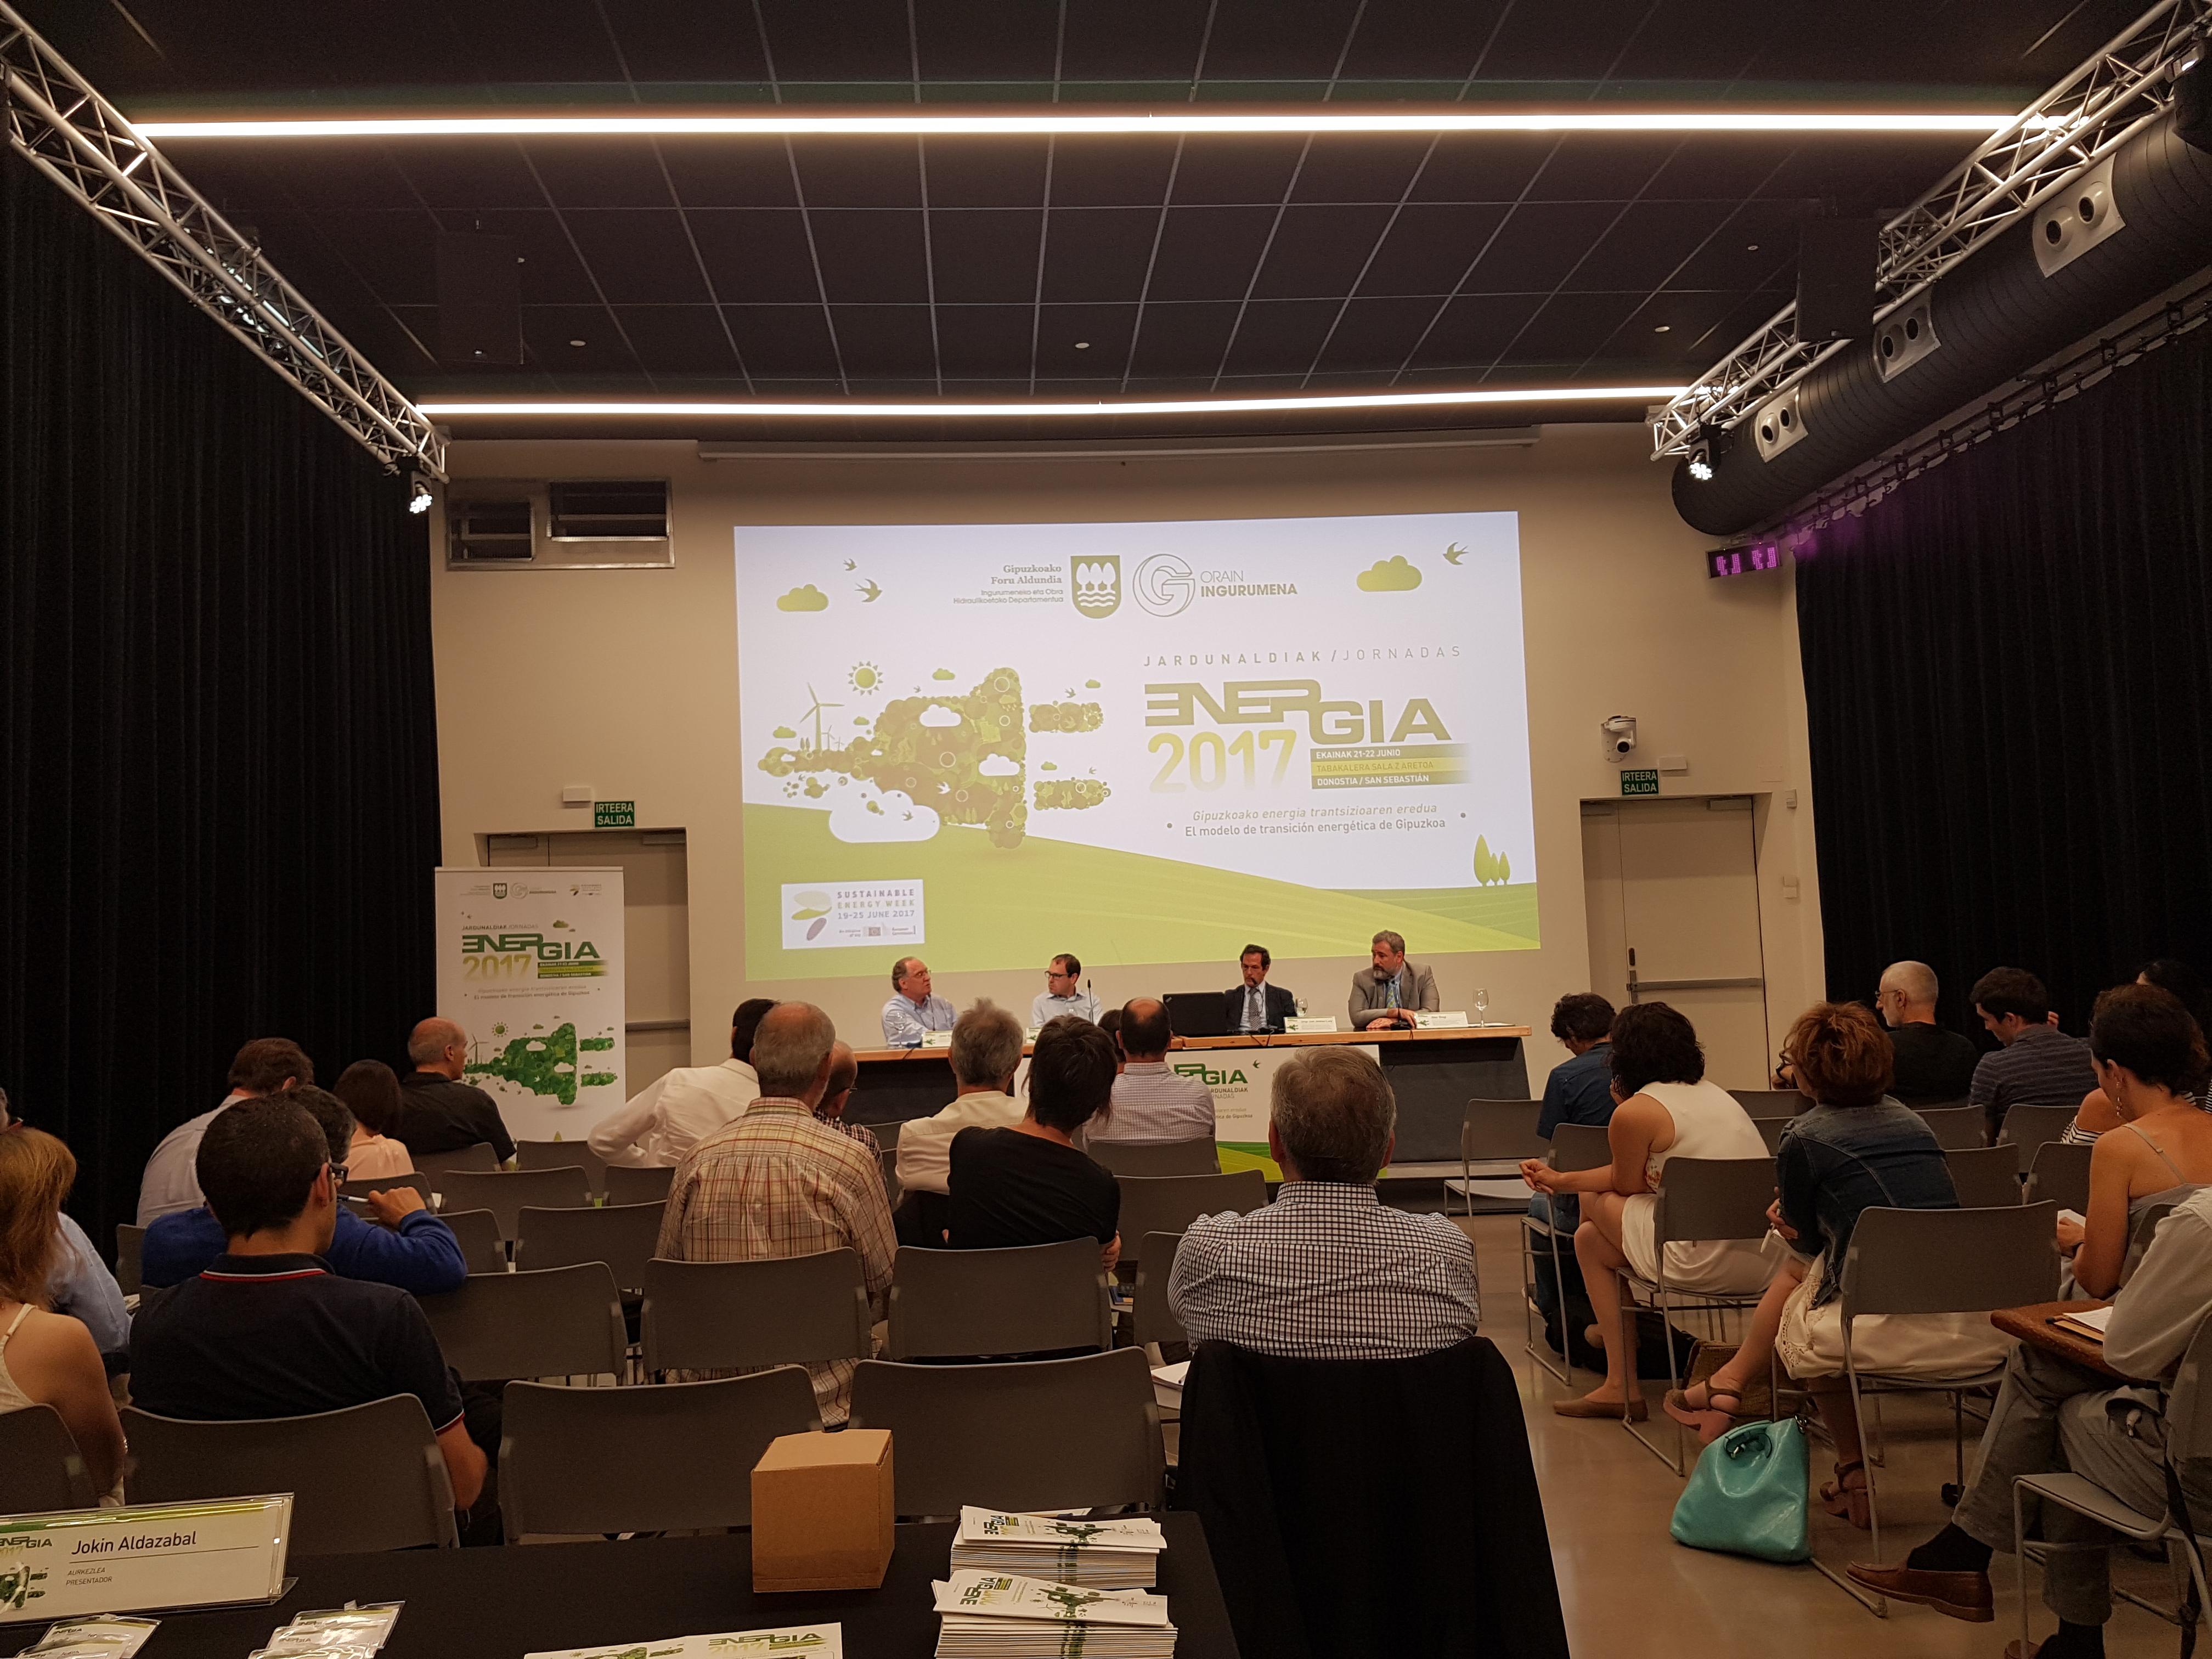 foto noticia: Kursaal Green hemos sido invitados a la Feria de la Energía de la Diputación Foral de Gipuzkoa